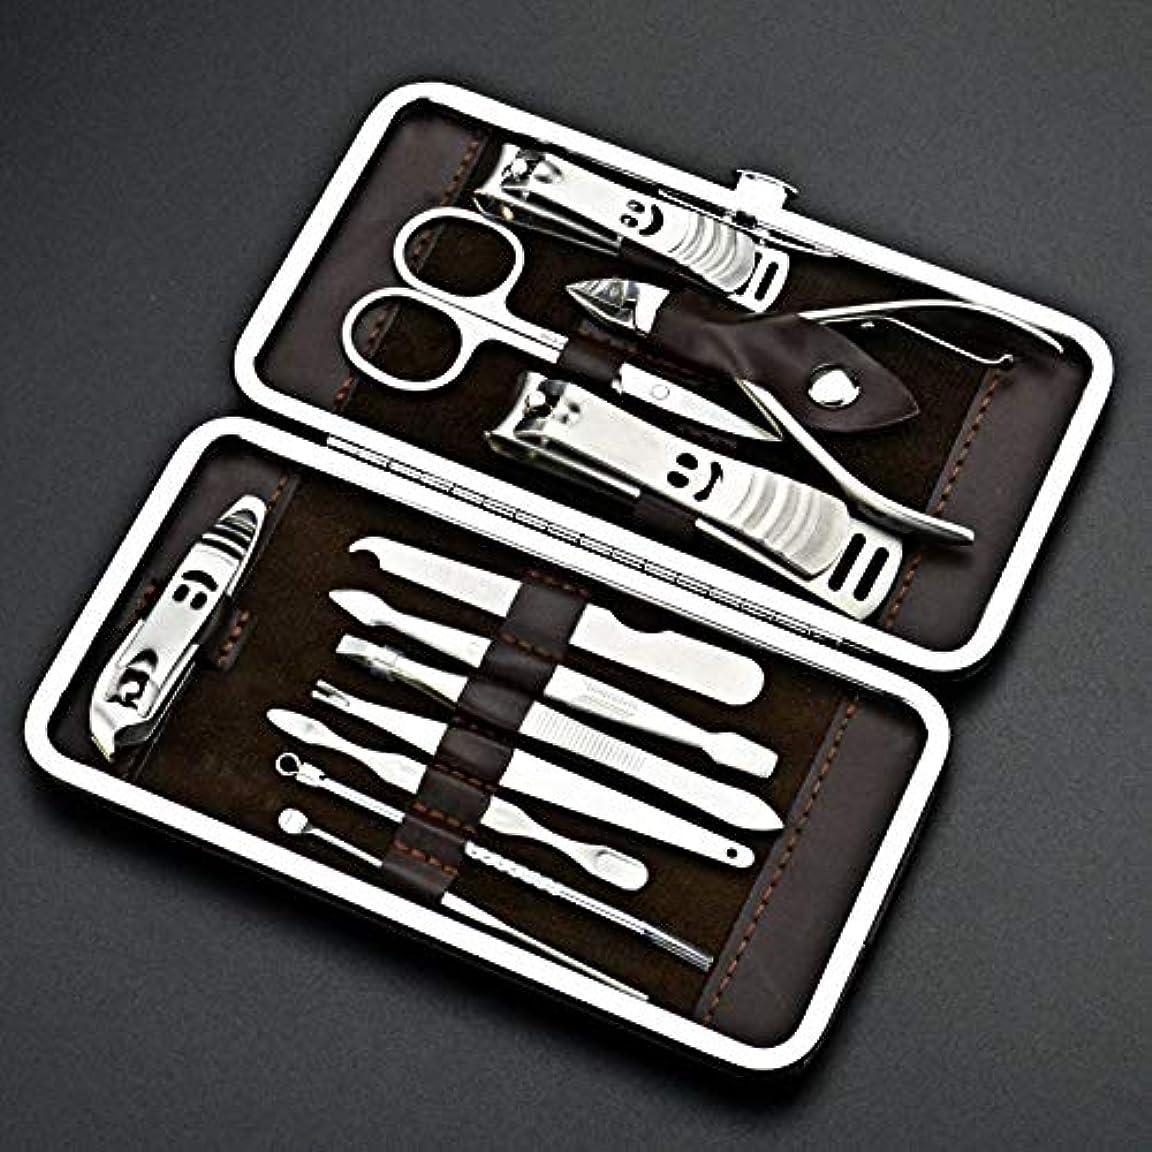 アンビエント誓いパーティー卸売マニキュアセット12個セット爪切りセット爪切りセット爪美容製品メイクネイル製品